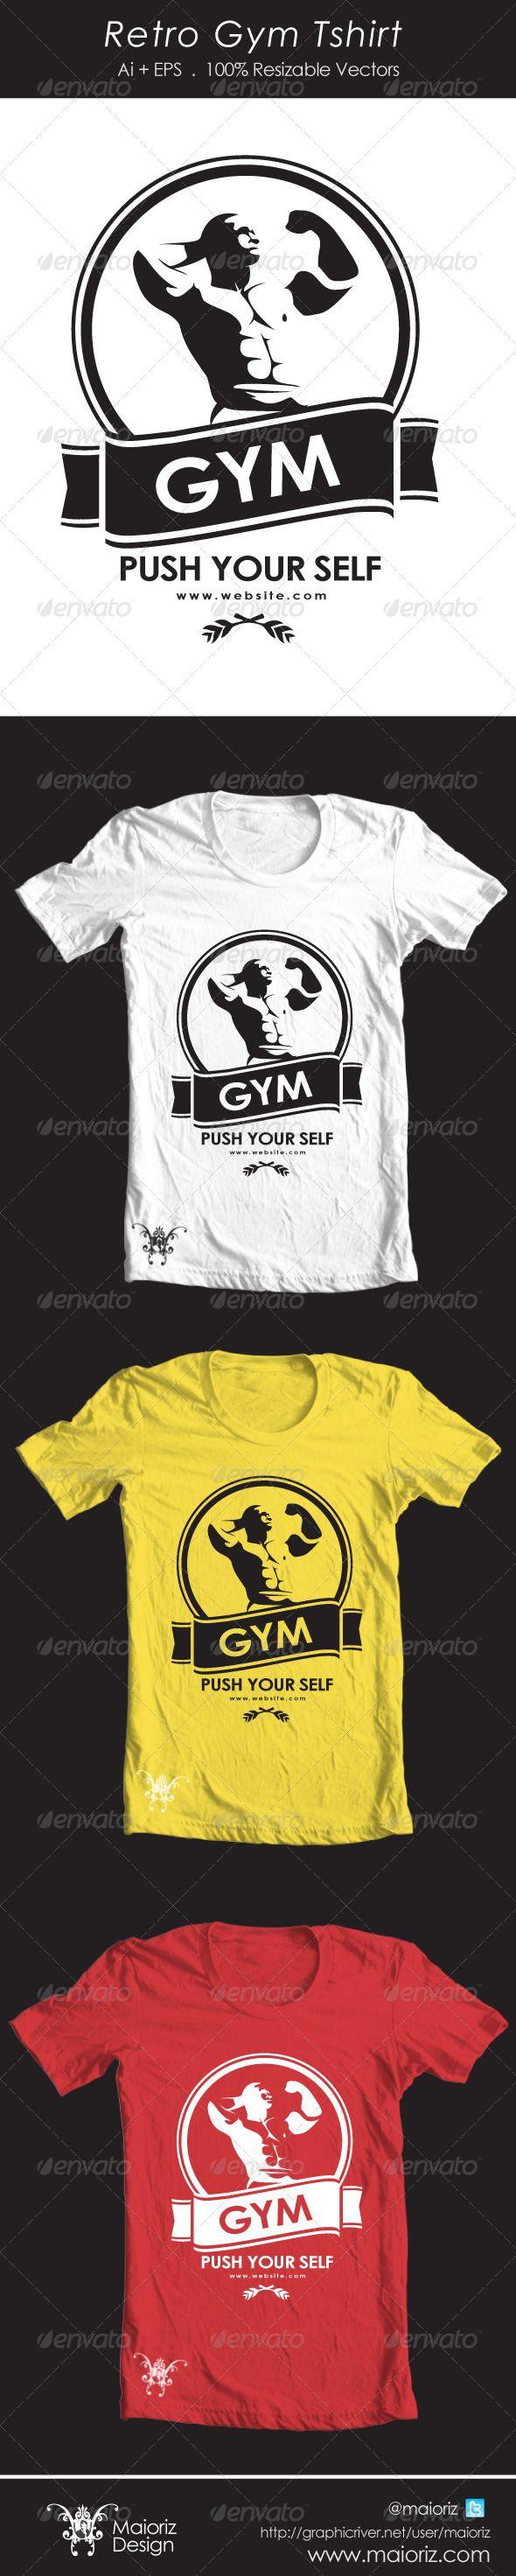 Retro Gym Tshirt — Vector EPS #gym #team • Available here → https://graphicriver.net/item/retro-gym-tshirt/4576809?ref=pxcr